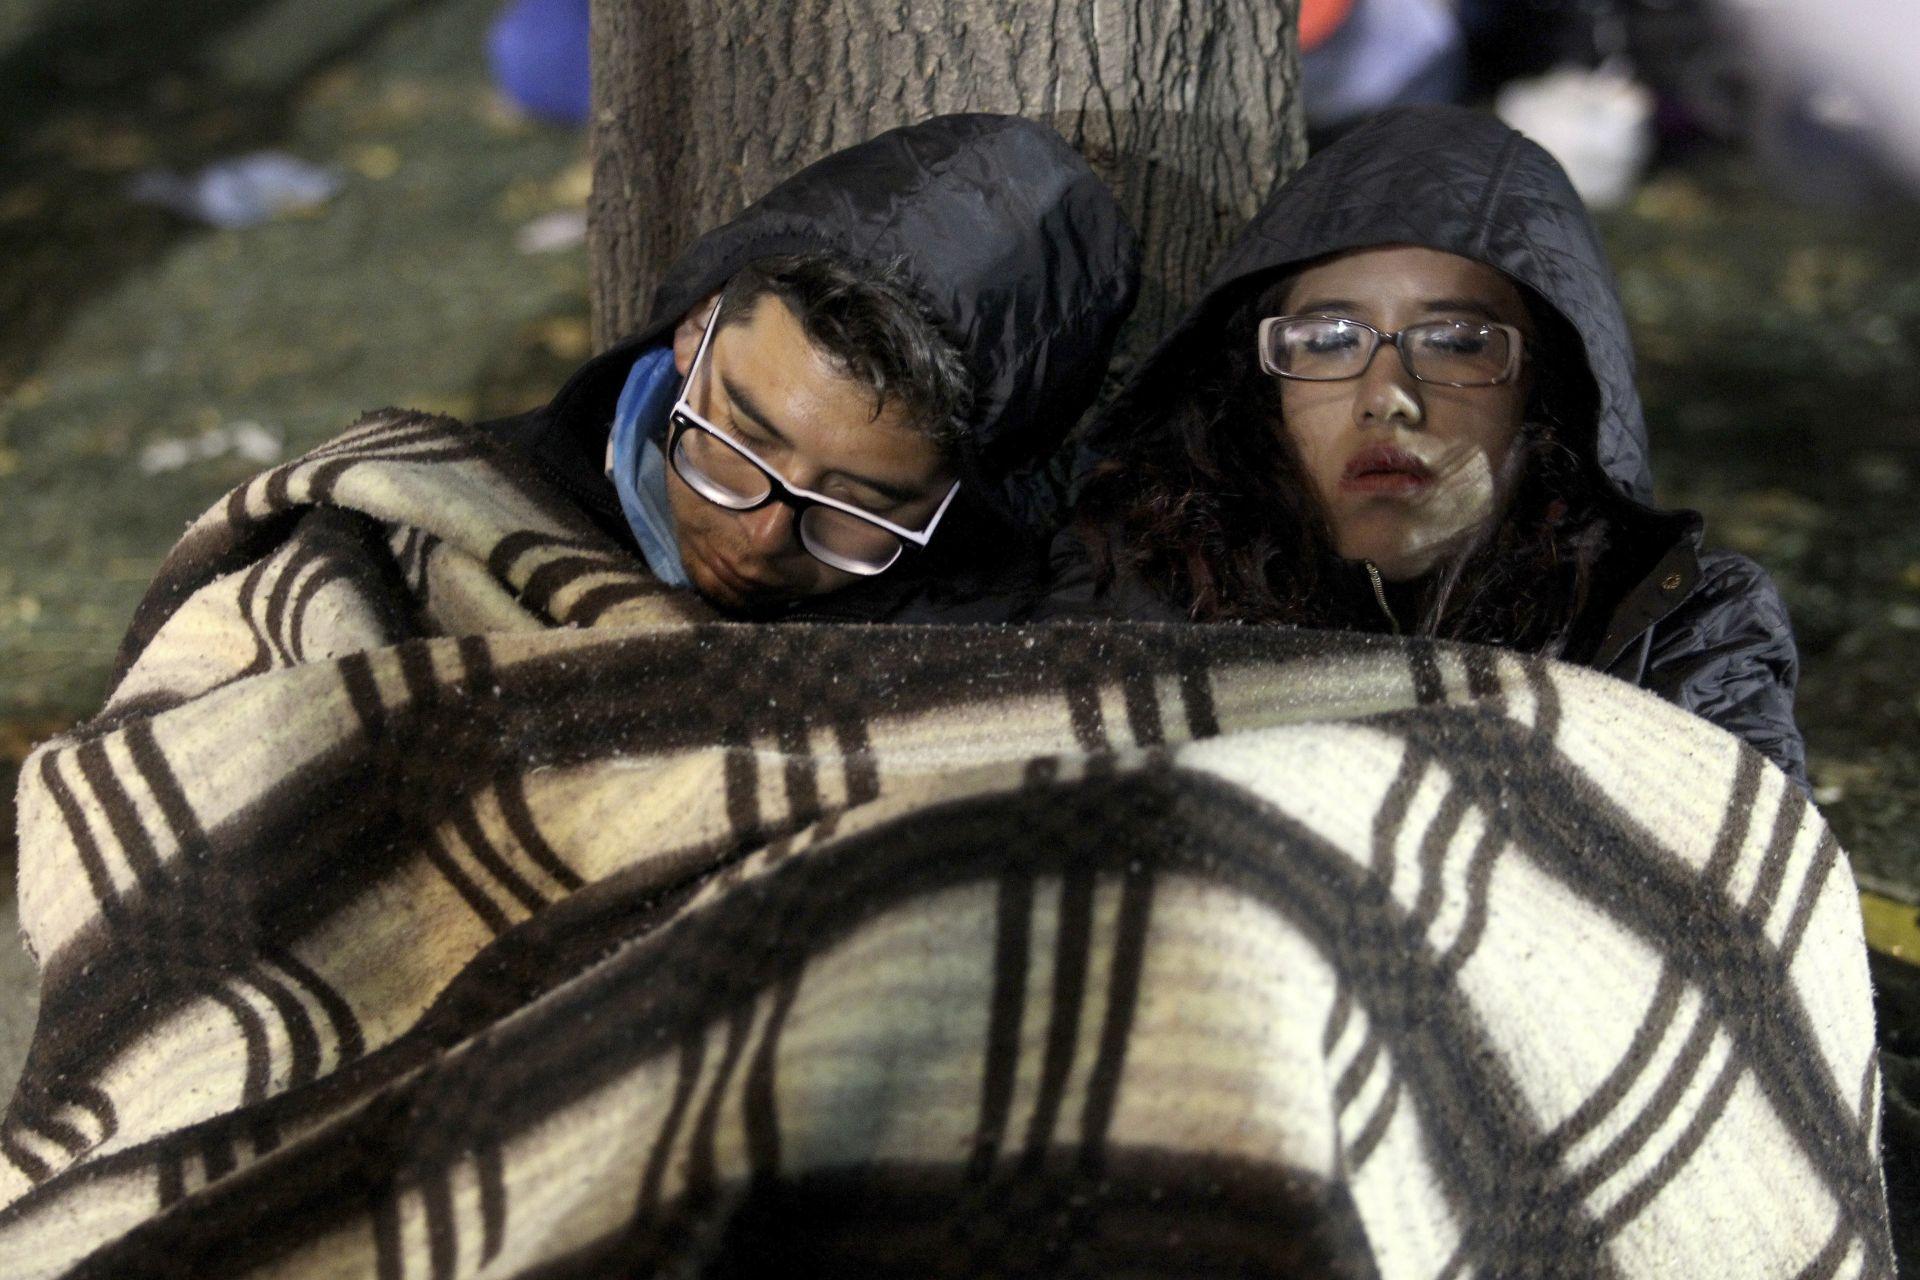 CIFRA DE MUERTOS AUMENTA A 319 Y SE REDUCEN LAS ESPERANZAS DE SOVREVIVIENTES